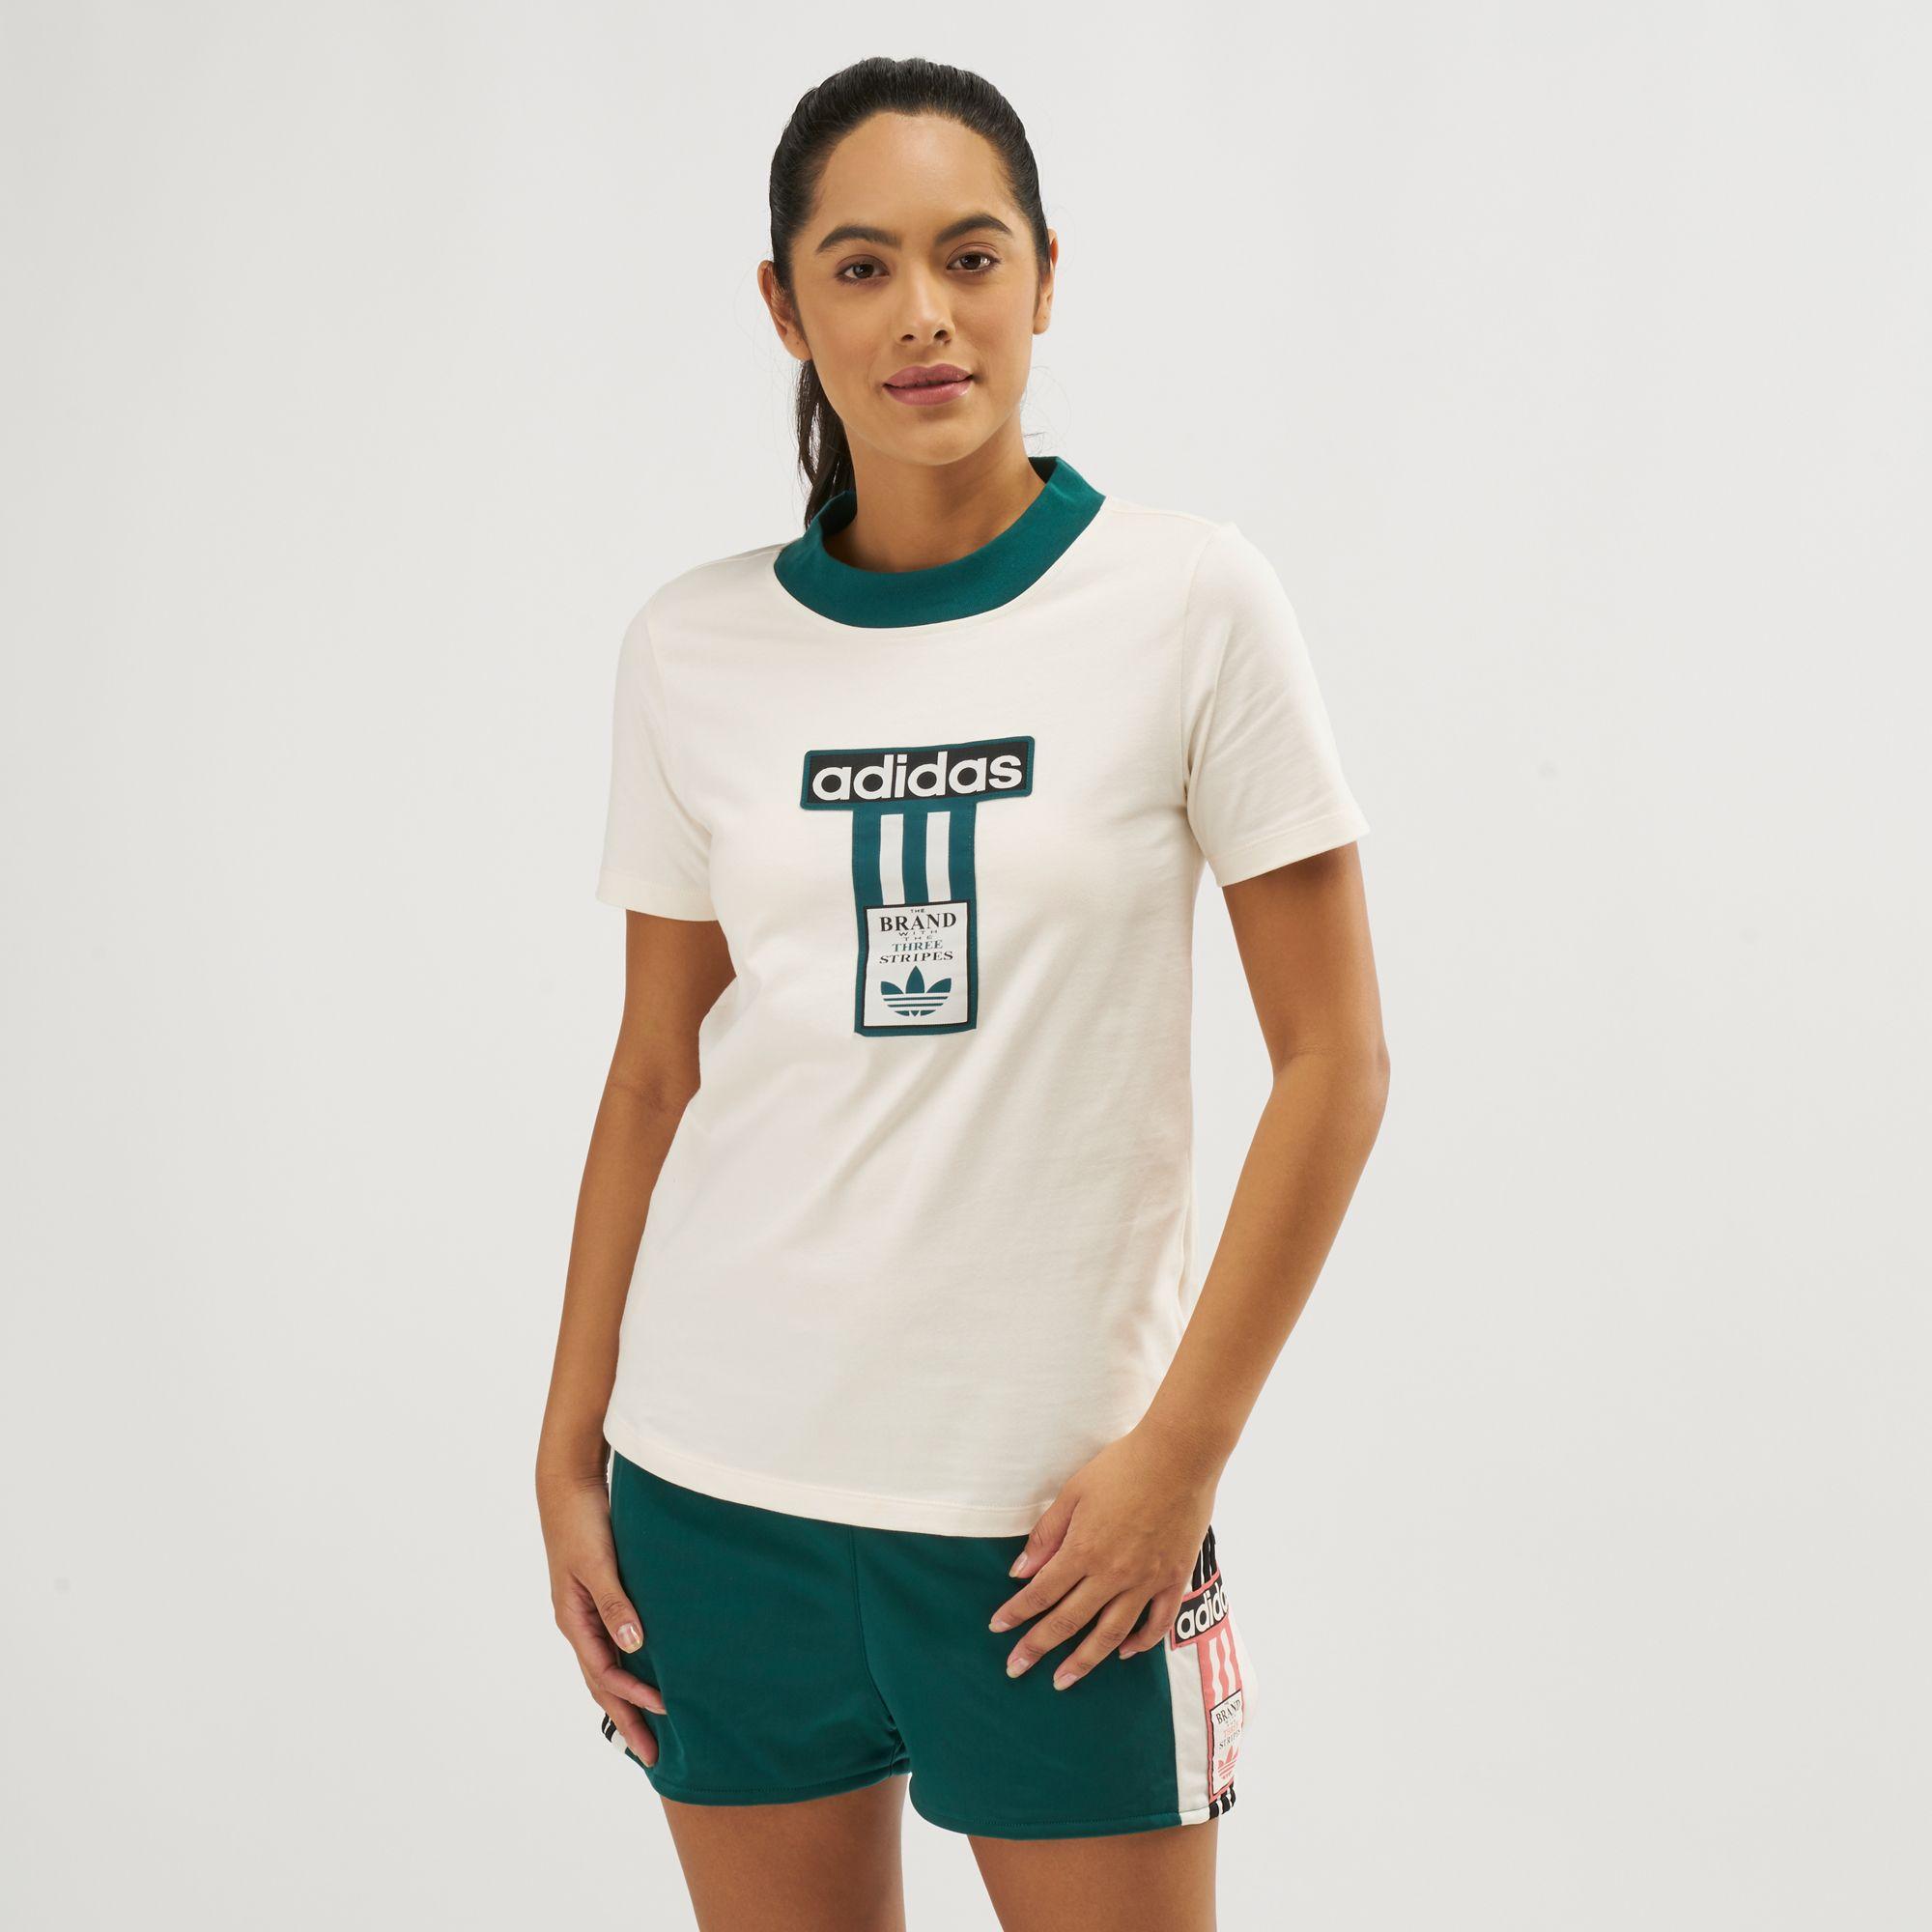 e00e620d6dc adidas Originals Adibreak T-Shirt | T-Shirts | Tops | Clothing ...